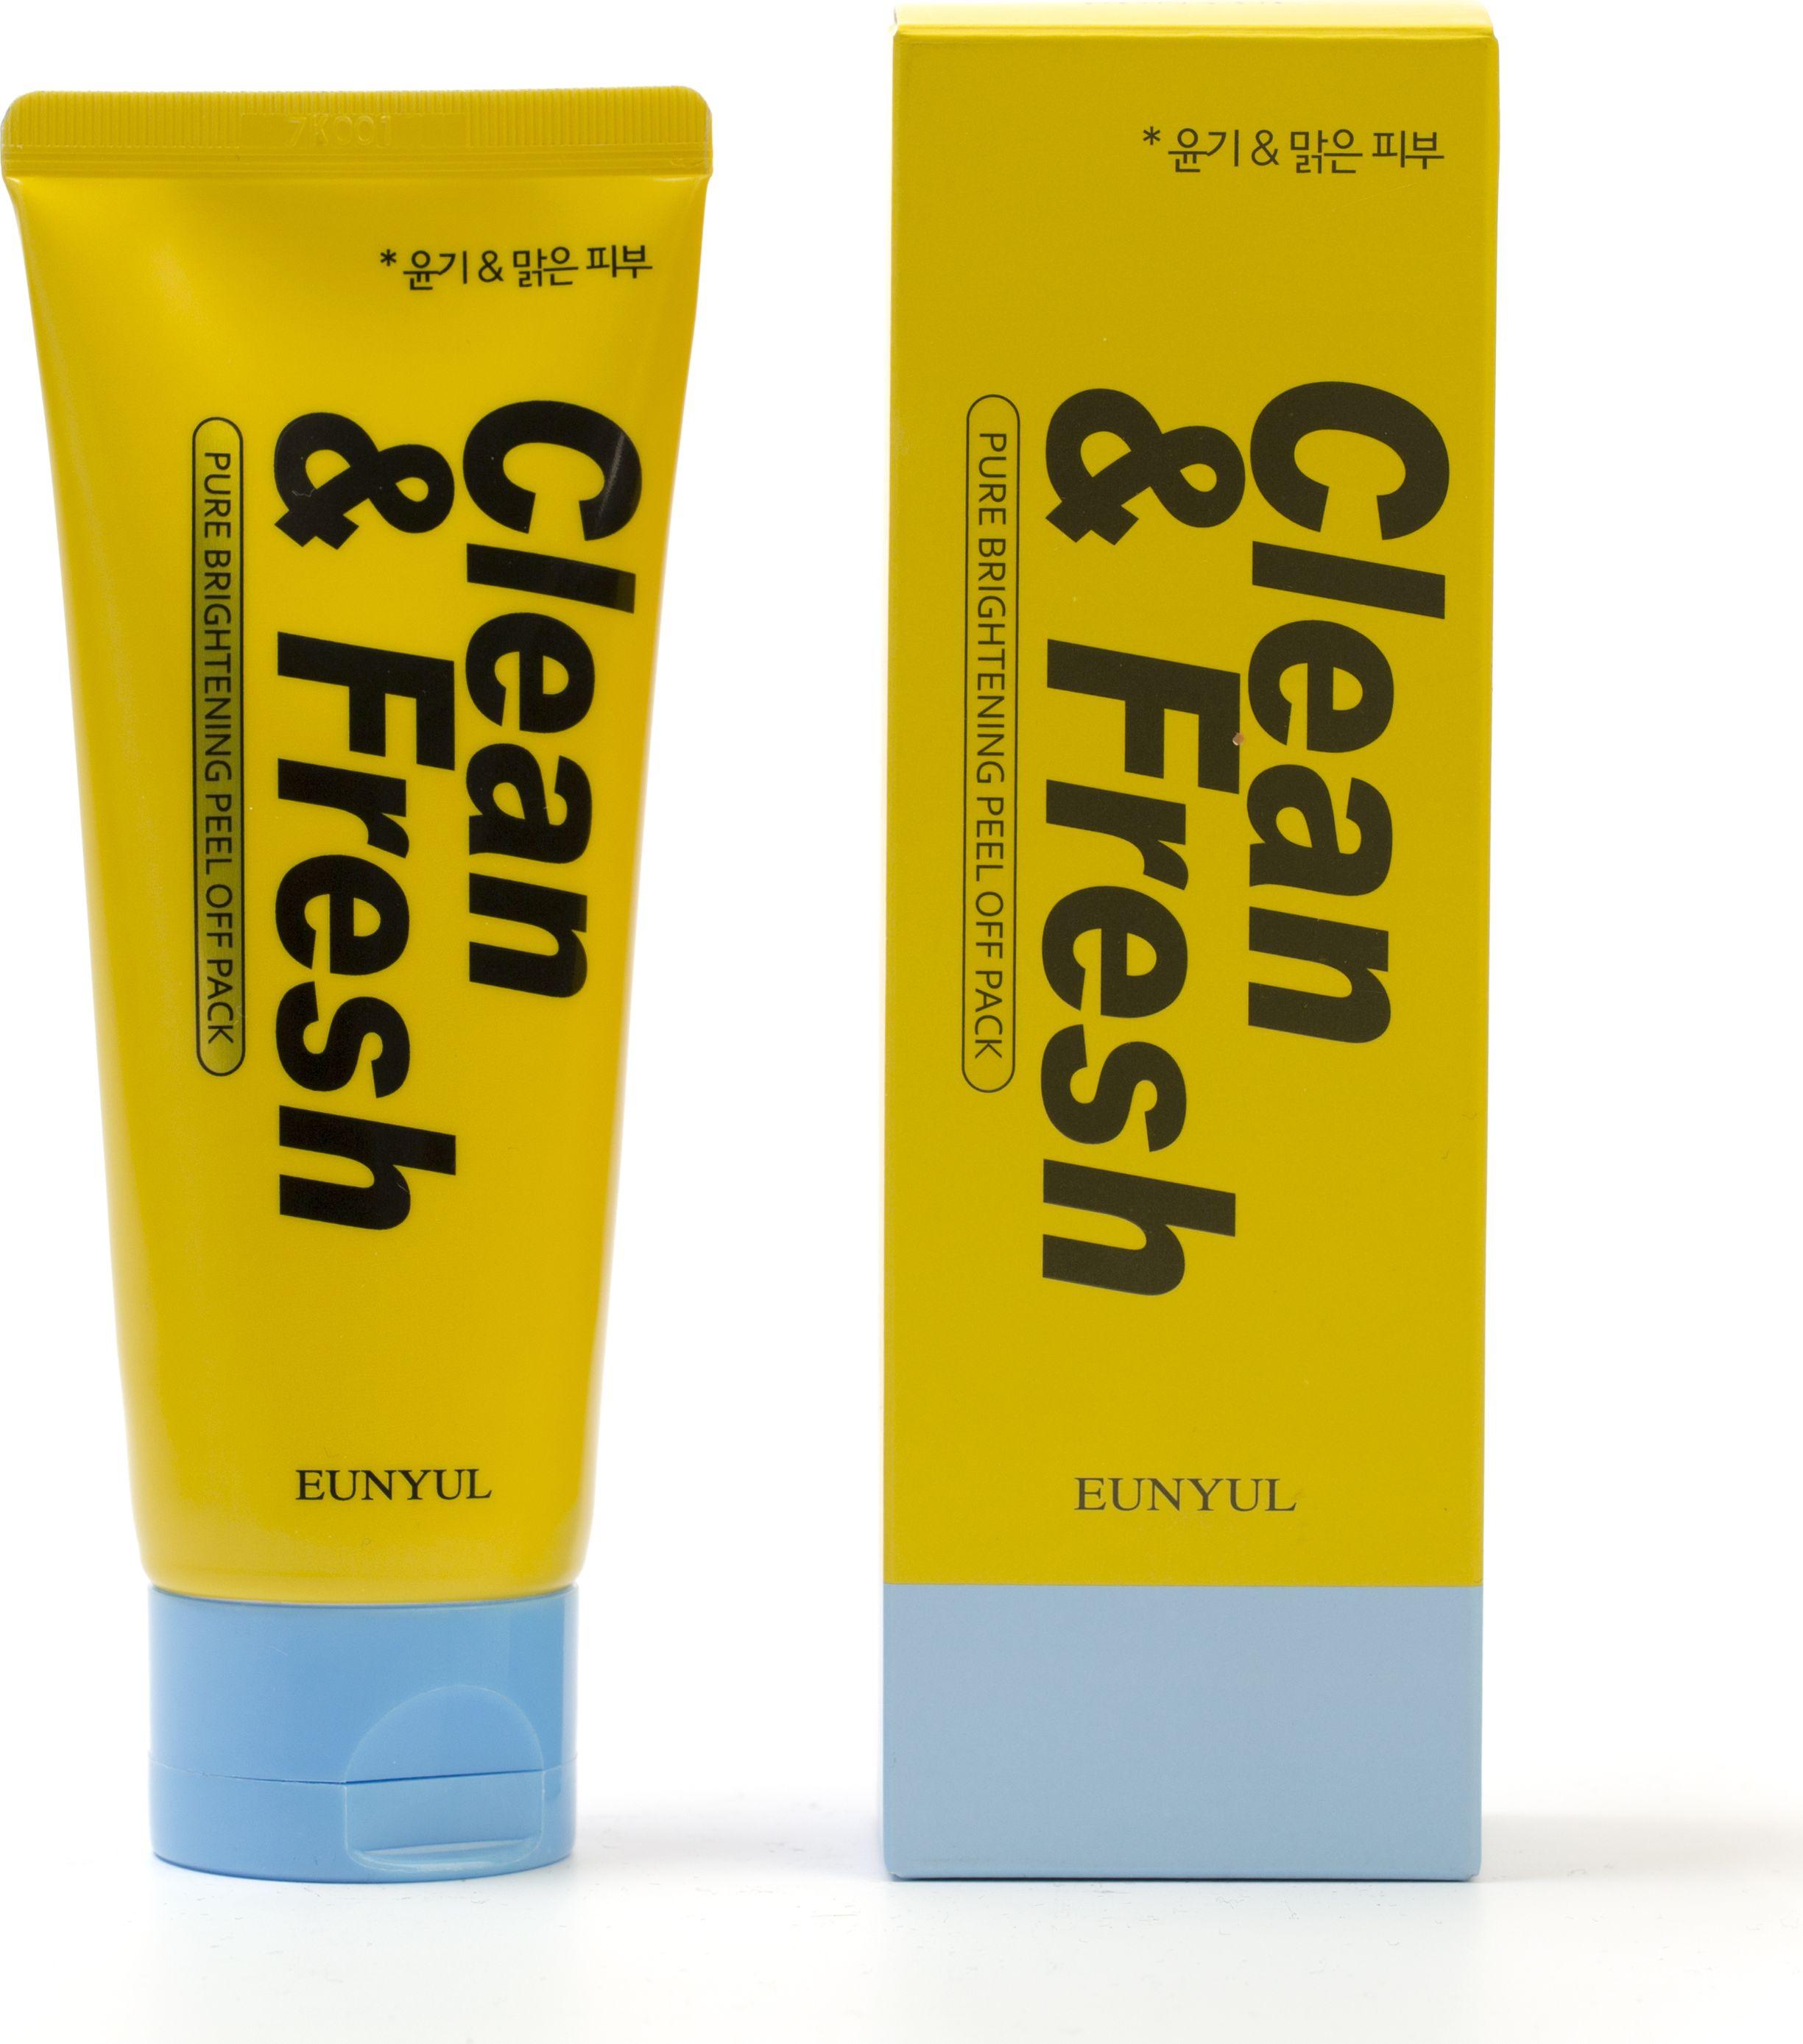 Eunyul Маска-пленка для сияния кожи, 120 мл404047Новая серия масок-пленок от Eunyul помогает сделать вашу кожу лучше и поддерживает ее в прекрасном состоянии. Маска-пленка для сияния кожи, удаляет загрязнения и мертвые клетки, отлично оживляет цвет лица, так как содержит экстракты лимона и комплекс витаминов. Маска содержит экстракт мяты и лайма, которые эффективно сужают поры и освежают кожу. Маска имеет освежающий эффект и хорошо очищает поры.